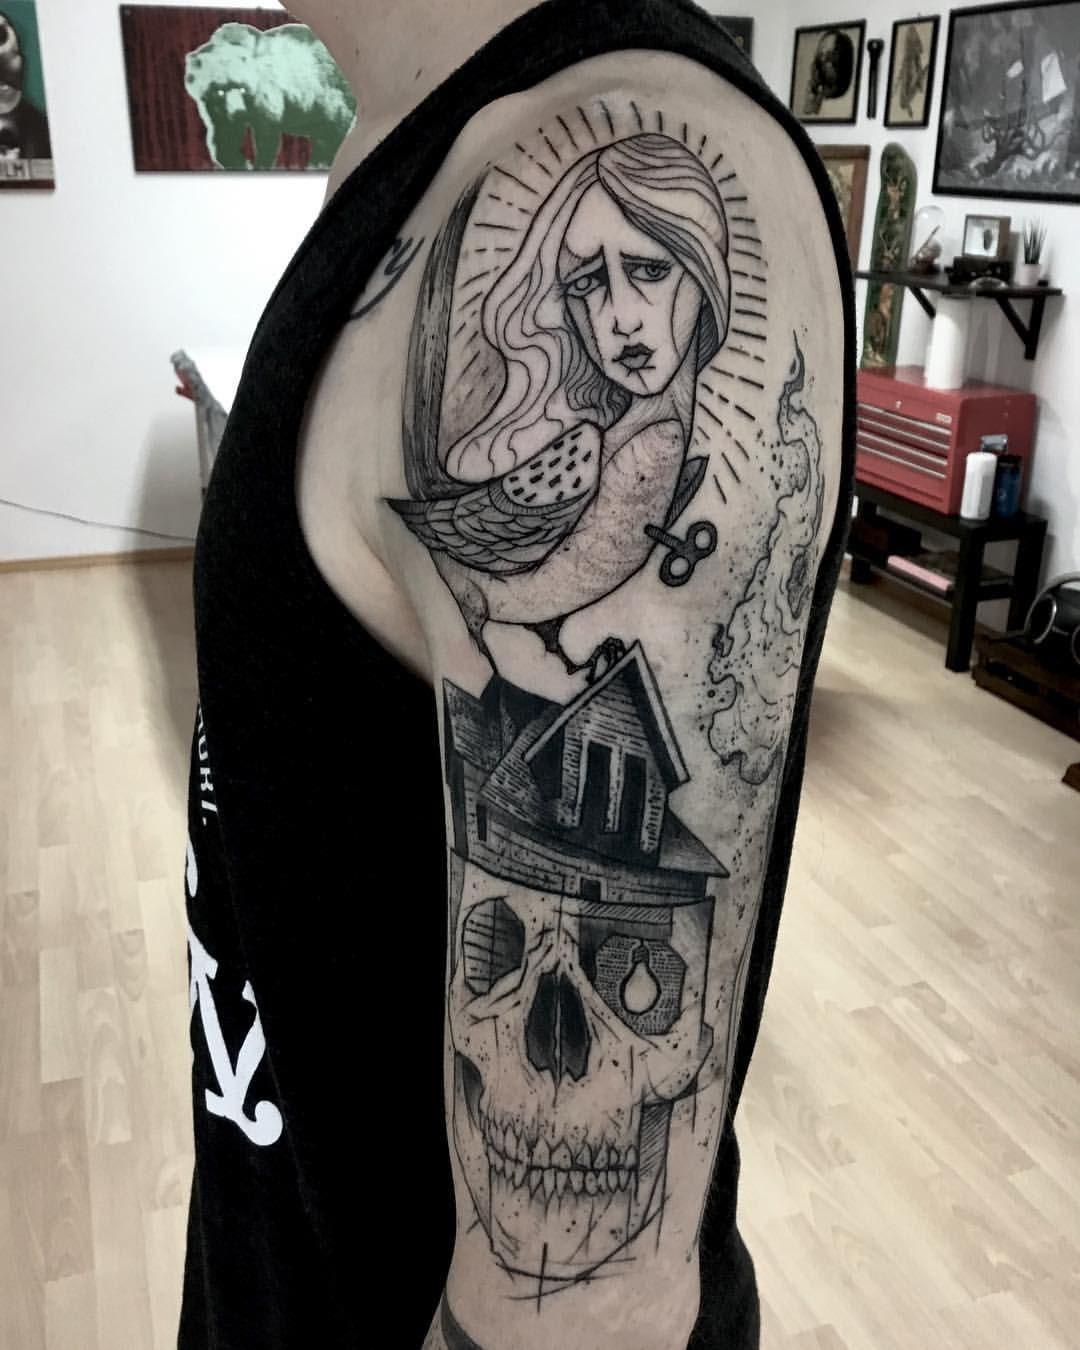 Gaston tonus ink tattoo portrait tattoo ink